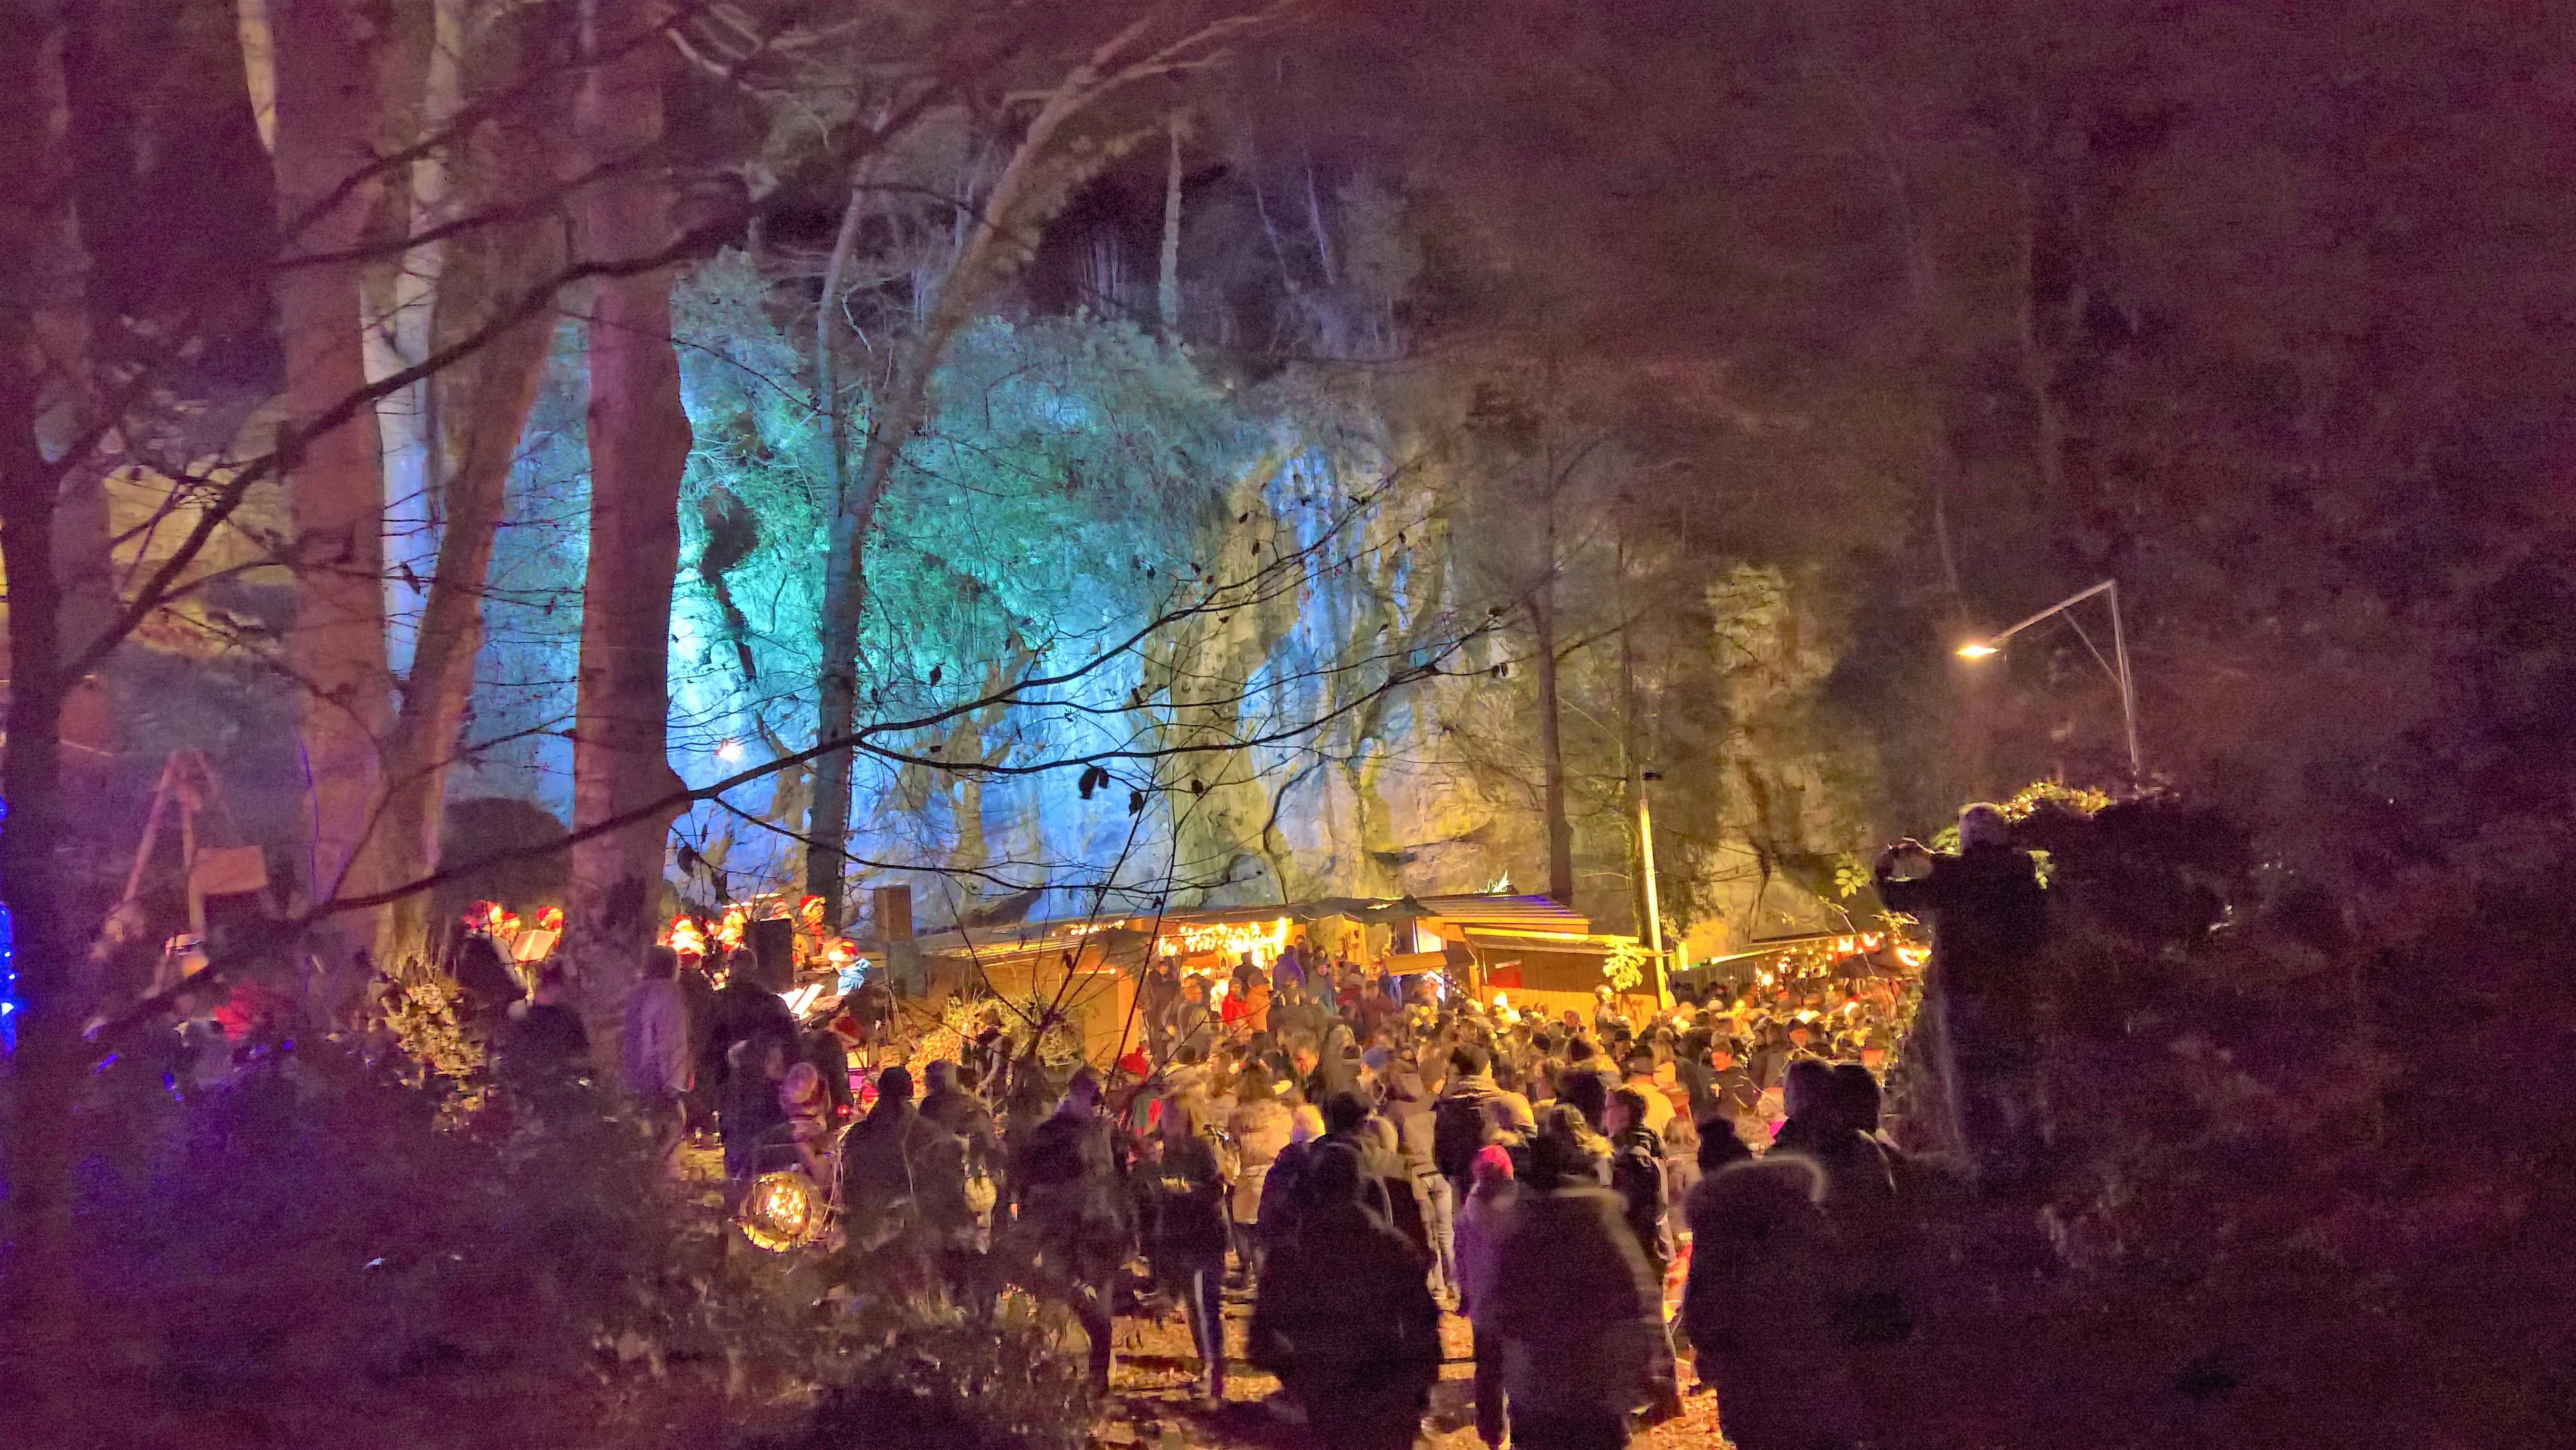 Weihnachtsmärkte in Bad Münstereifel und Umgebung